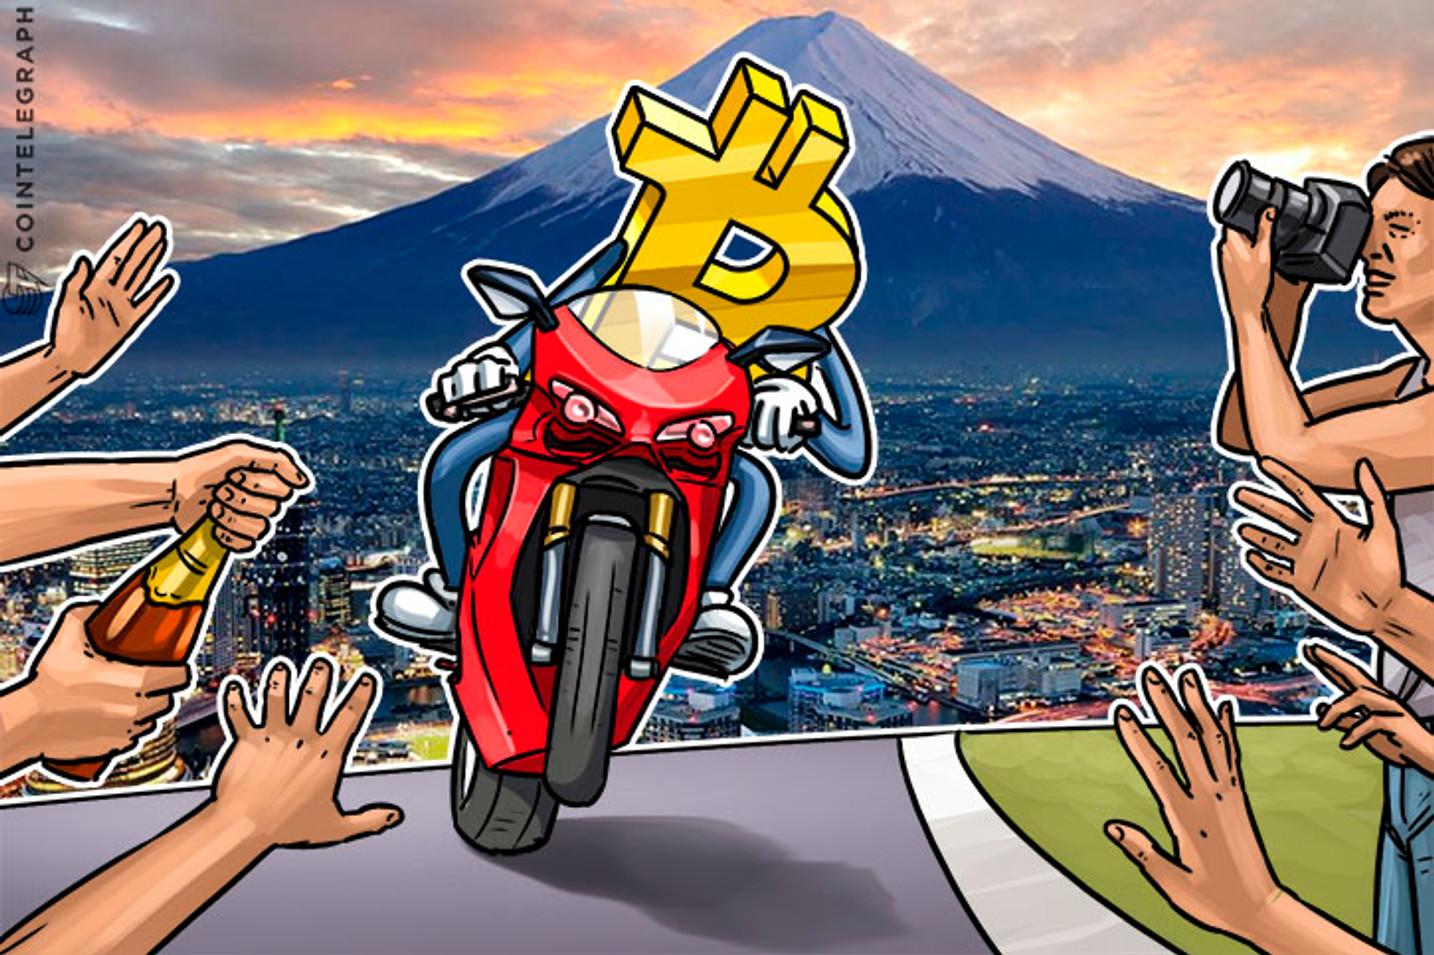 Japón podría ser factor determinante en el reciente recupero del precio de Bitcoin: razones y tendencias